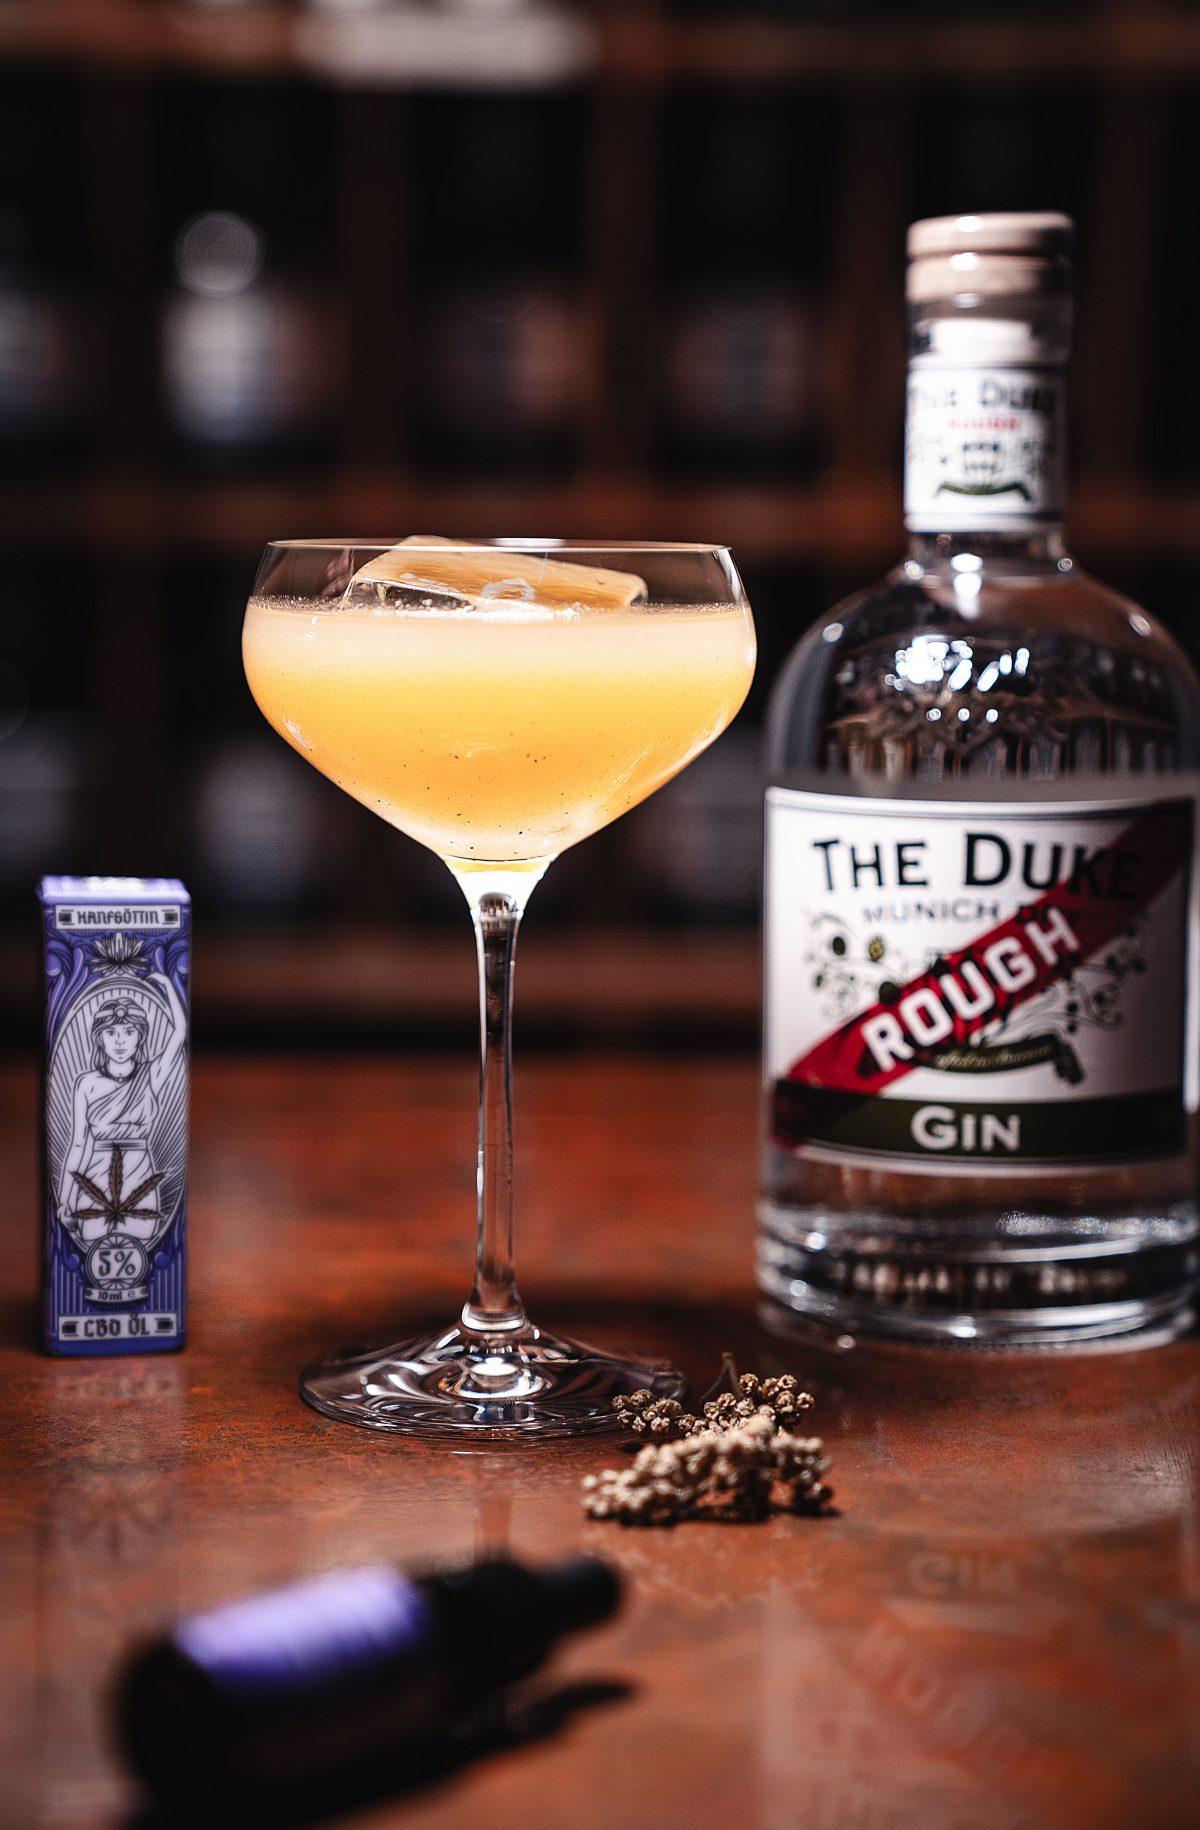 CBD Cocktails mit CBD Öl: Ein CBD Cocktail mit THE DUKE Rough Gin und CBD Öl von Hanfgöttin